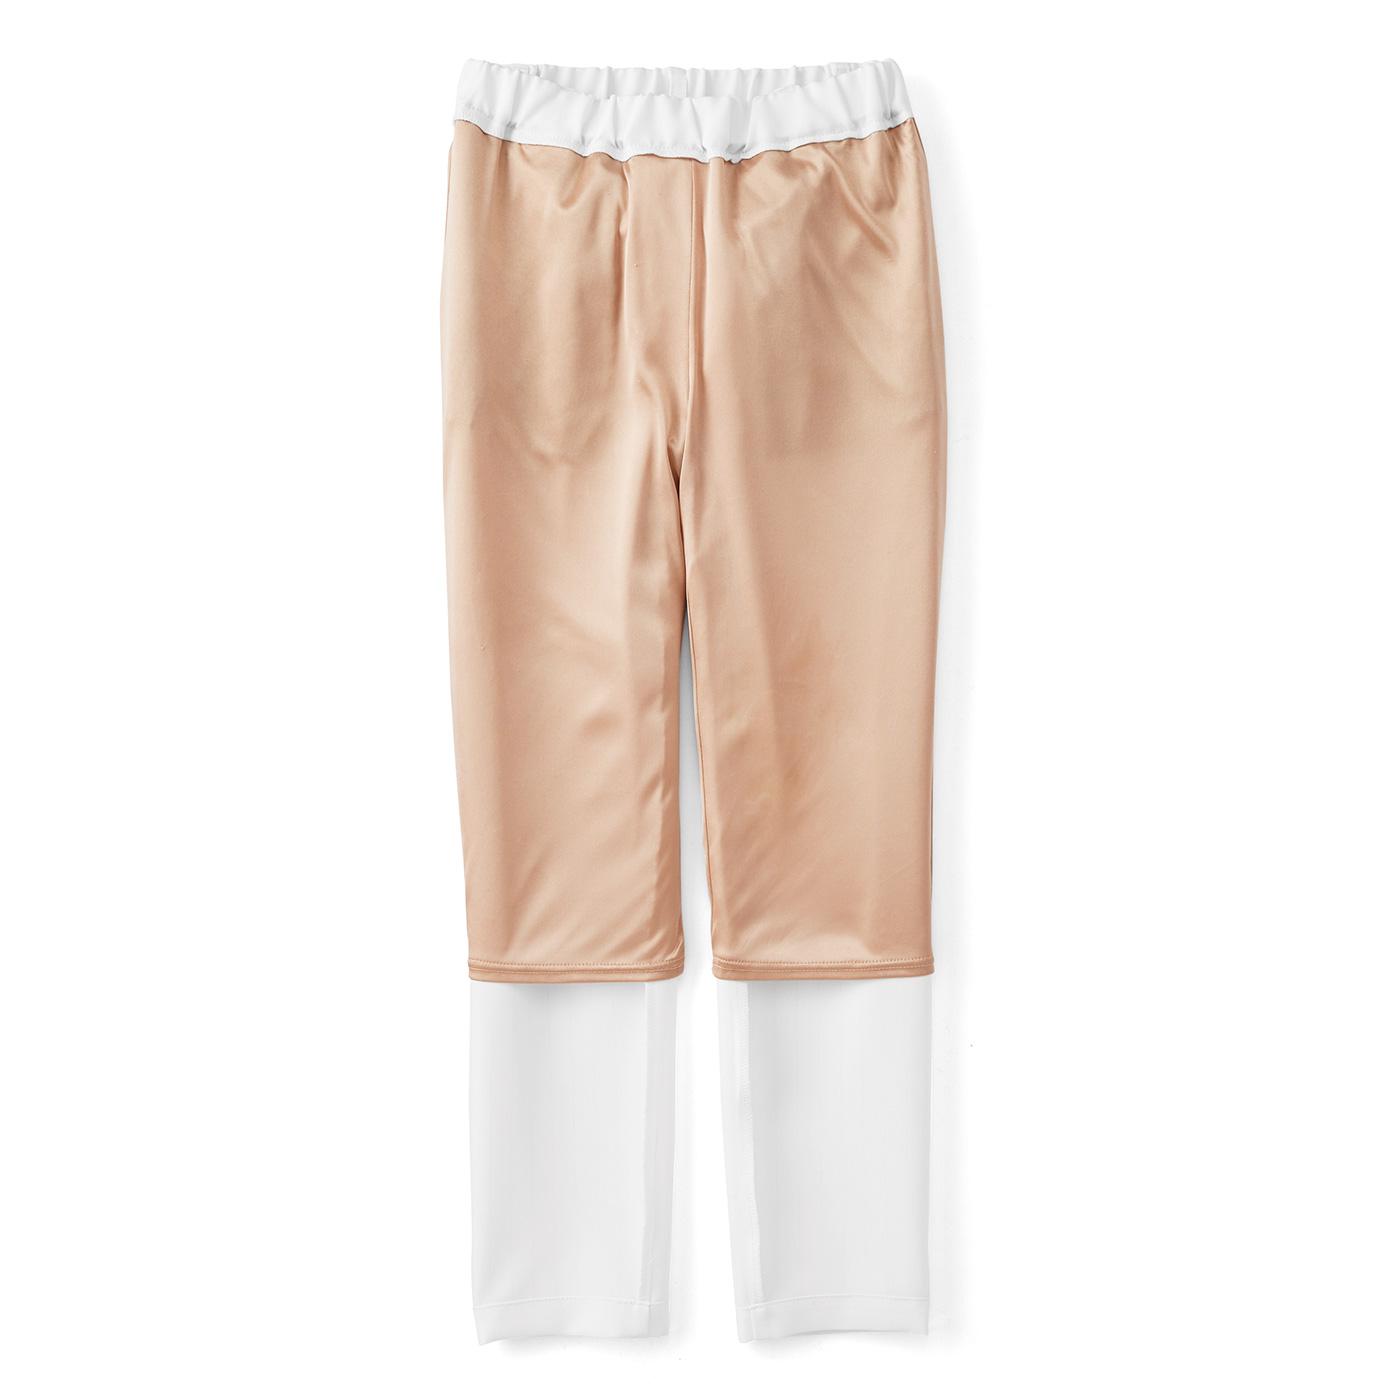 [透けない、ひびかない]ひざ下までのインナー付きだから、下着が透けずに一枚ばきOK。肌に張り付かず、さらりと快適なはき心地です。